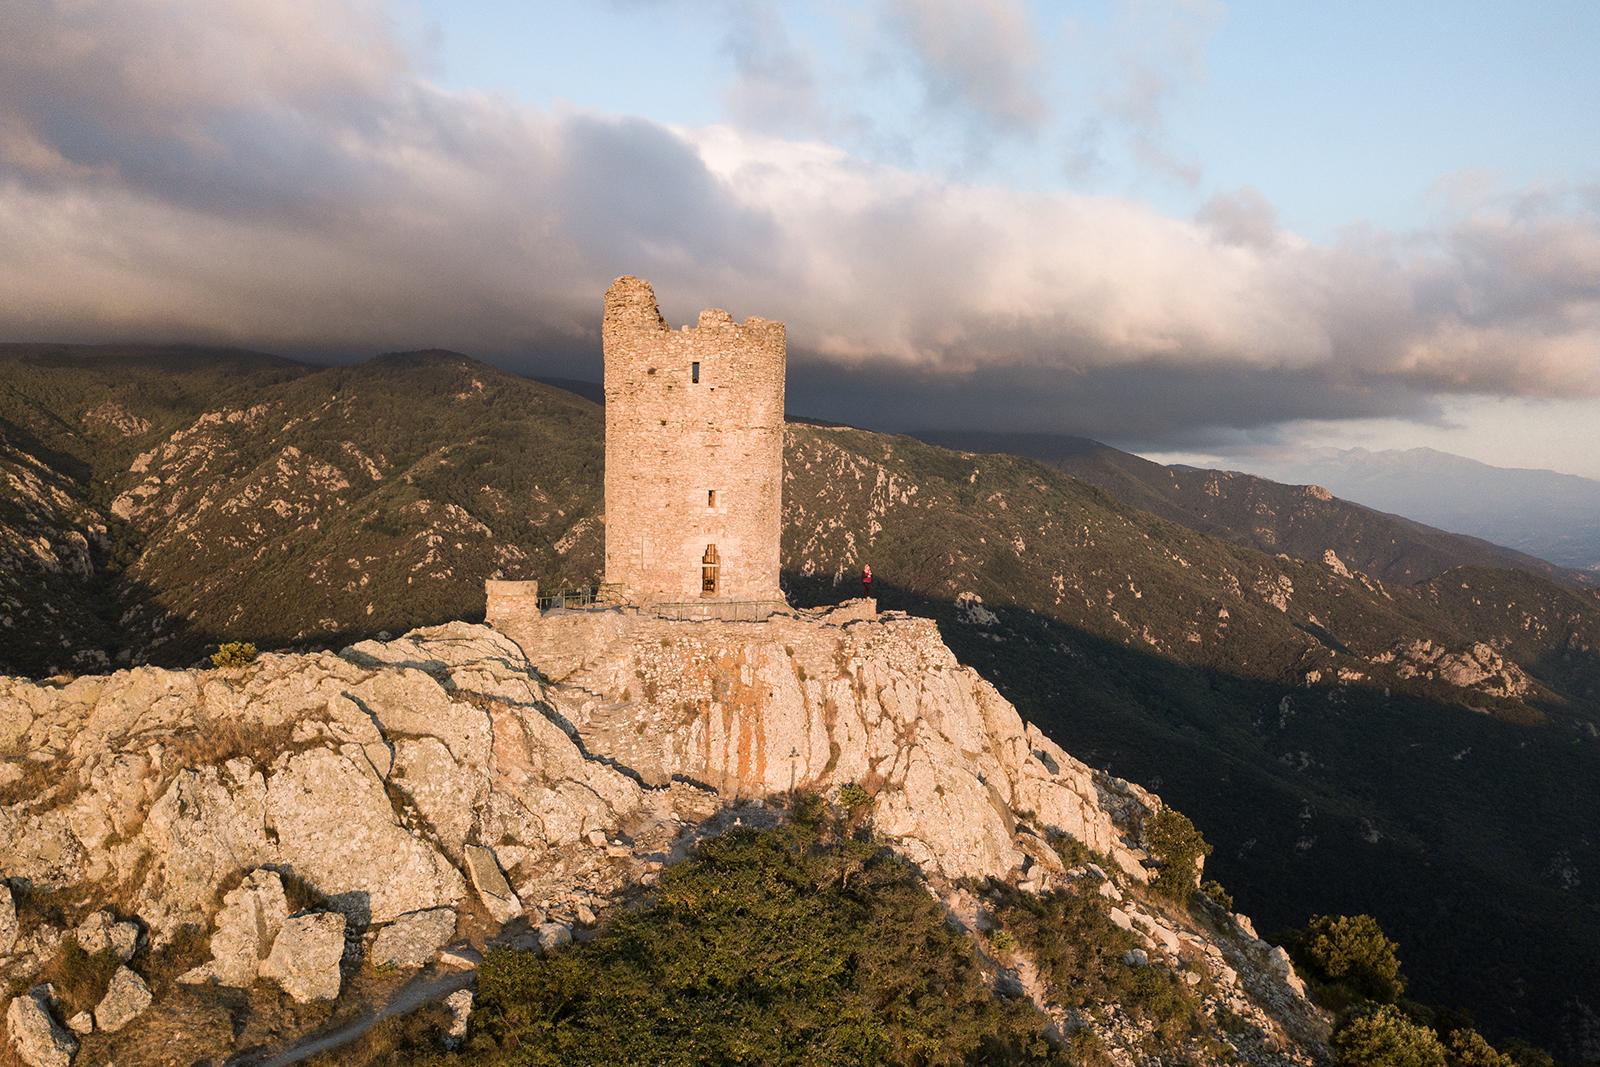 Sommet de la tour de la Massane